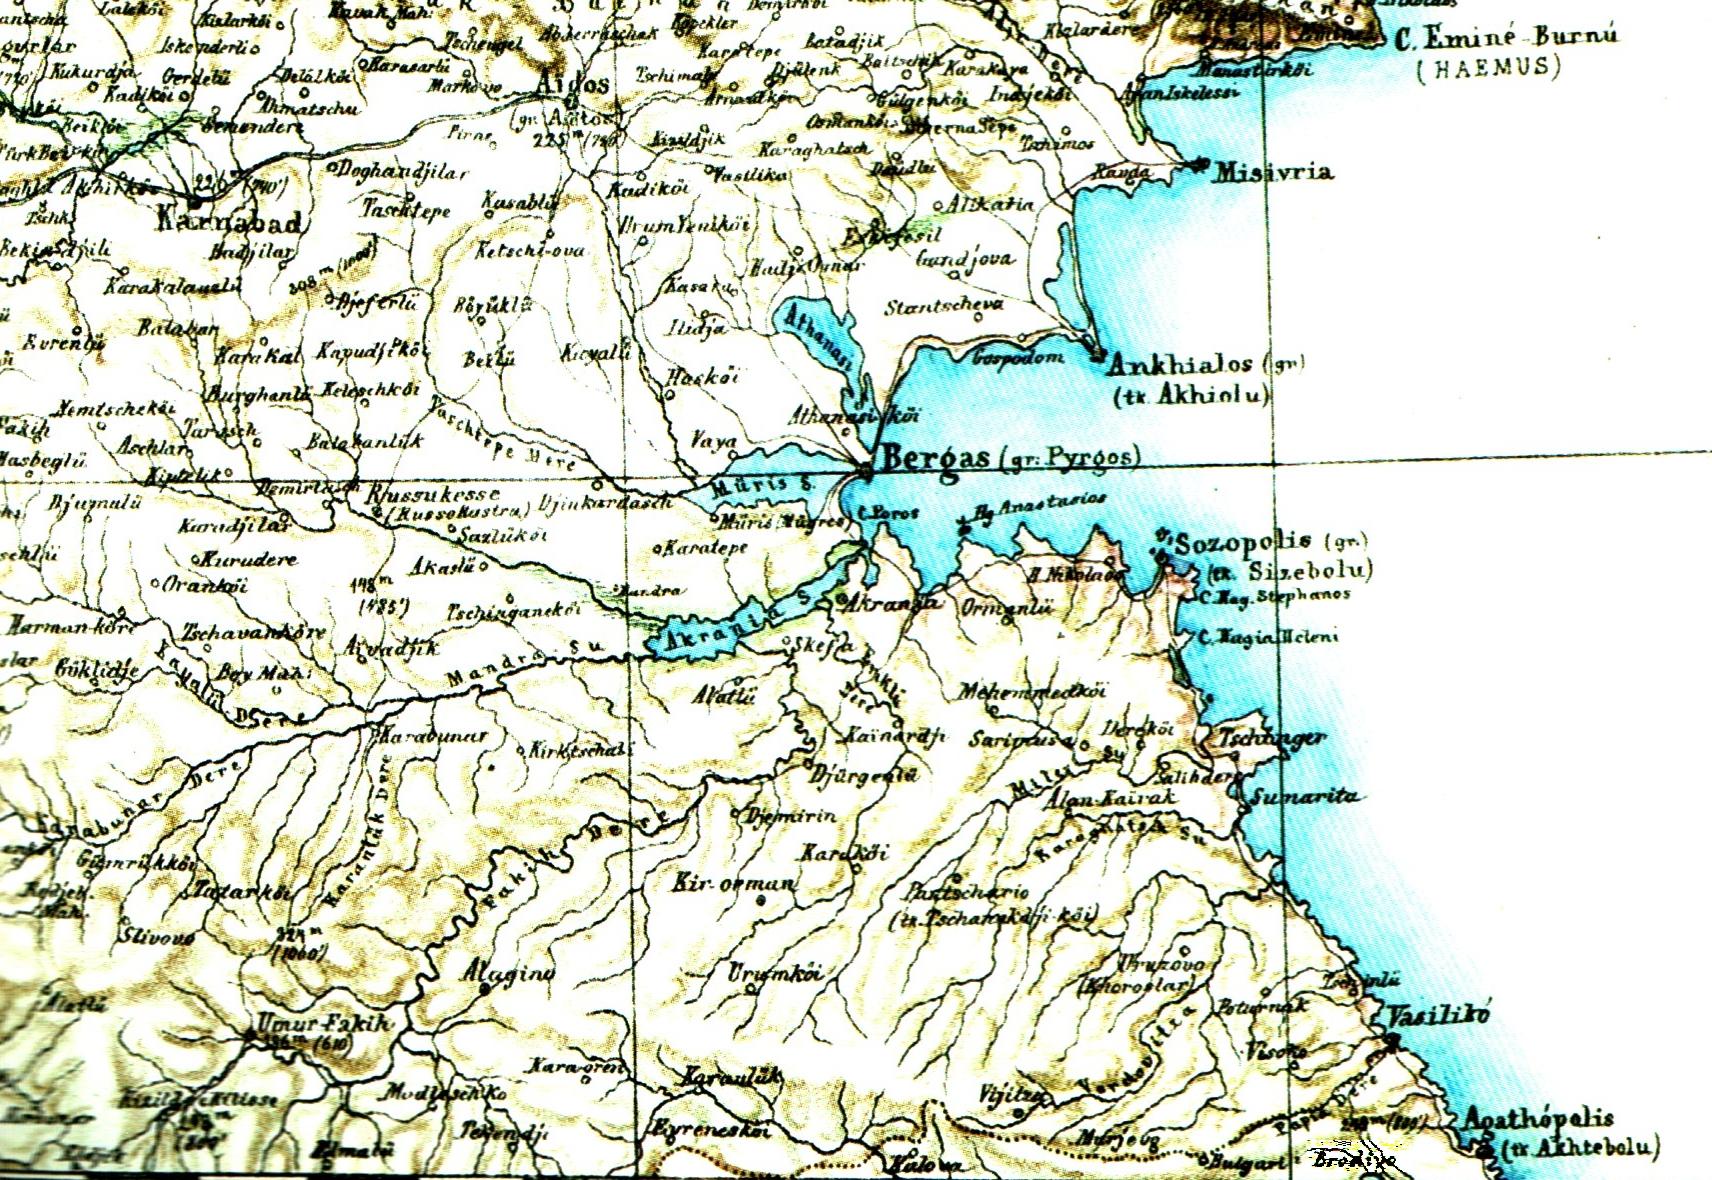 Част от картата ка Киперт, на която селото е отбелязано като Бродиво (долу вдясно)